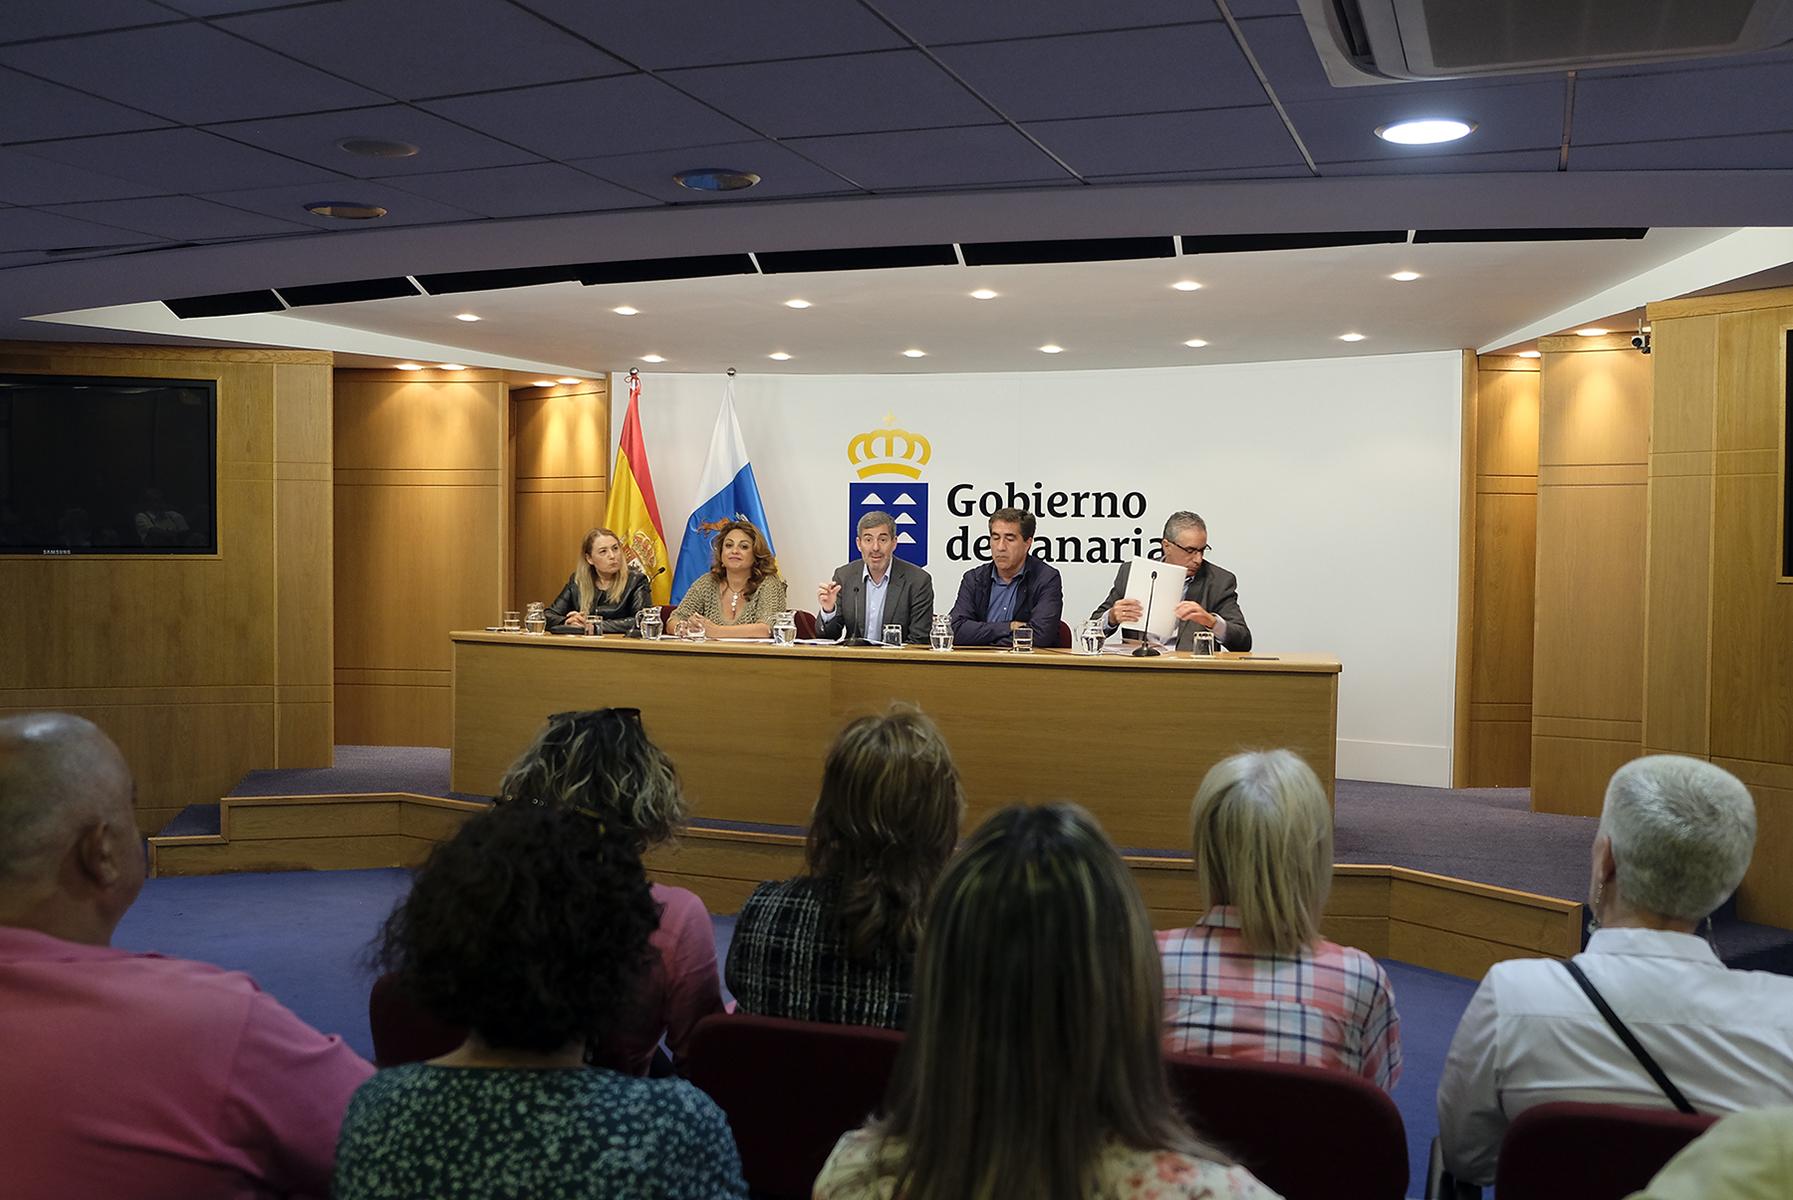 El Gobierno garantiza la transmisión de las viviendas a los inquilinos de Visocan